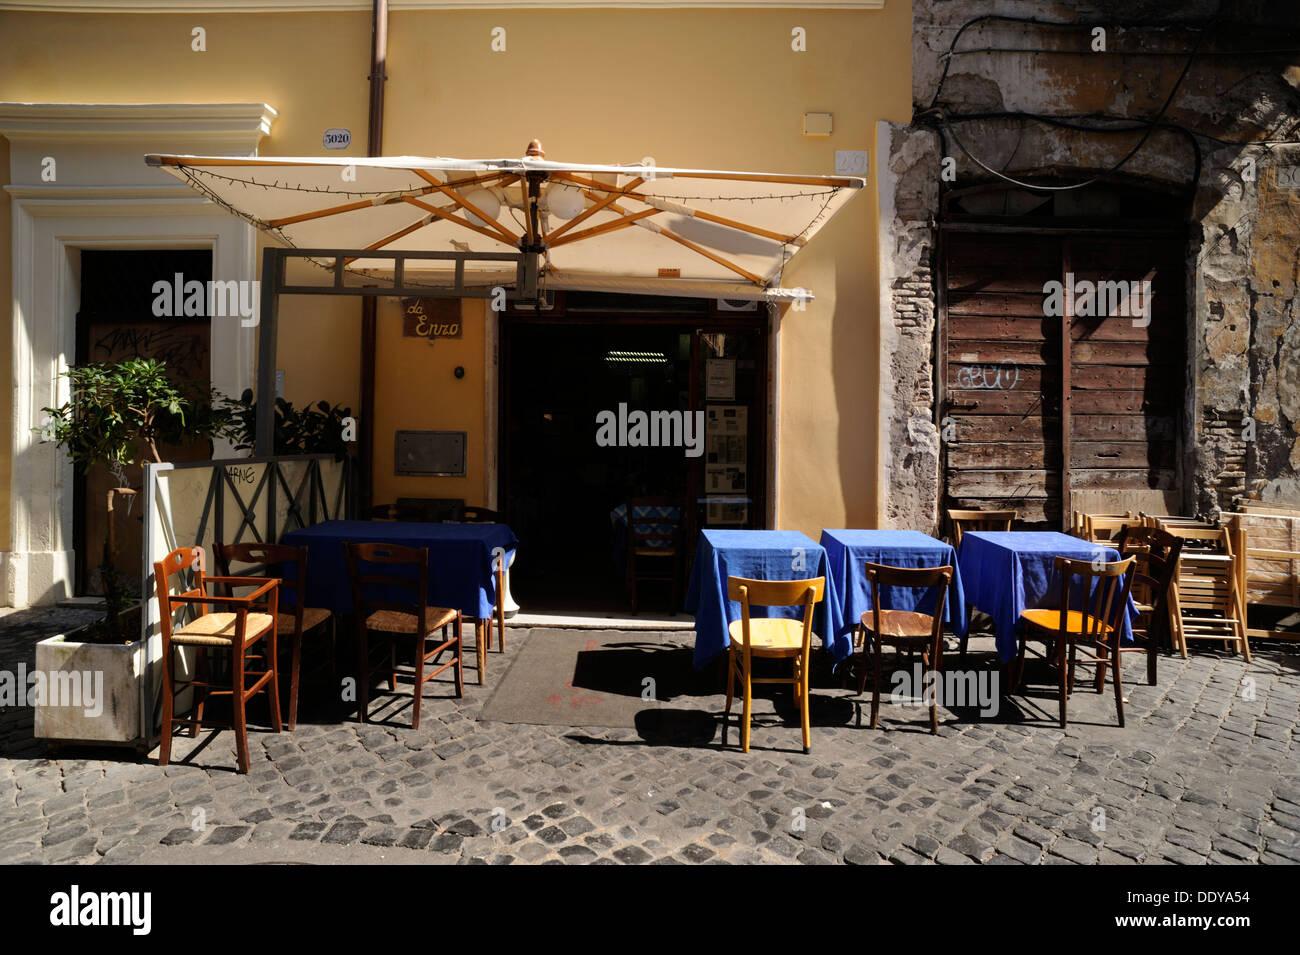 italy, rome, trastevere, via del vascellari 29, da enzo restaurant - Stock Image